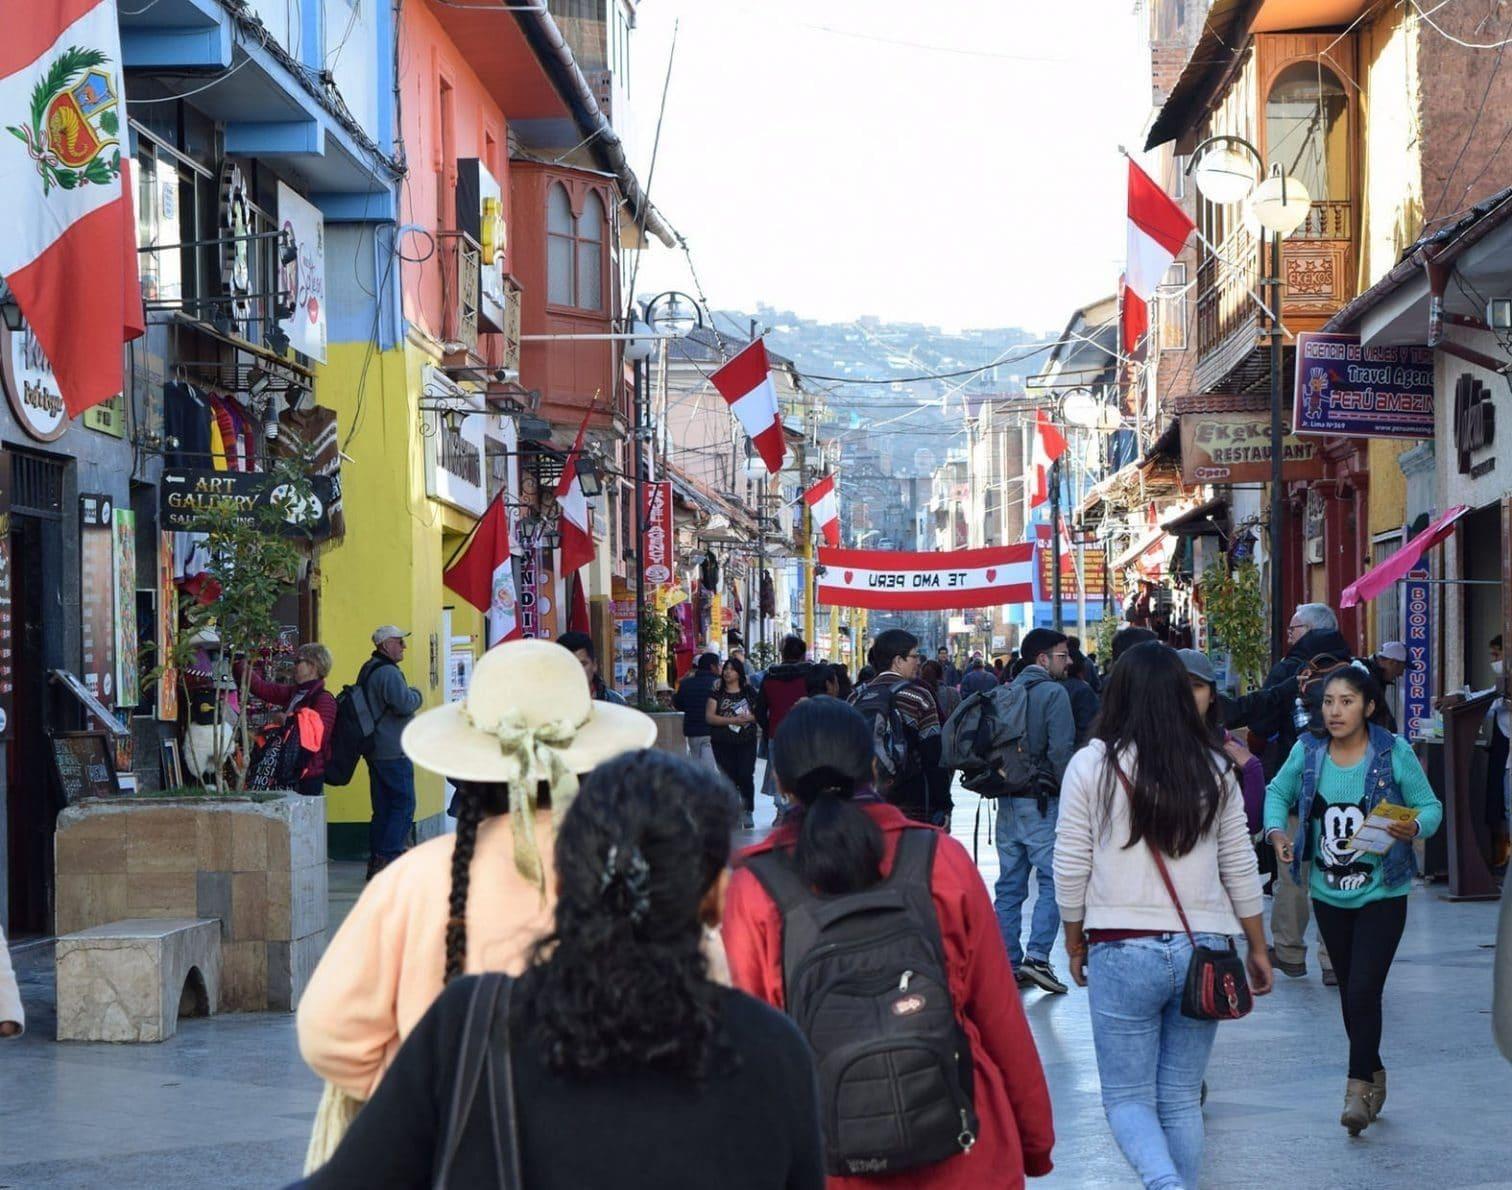 Peru Conjuncture